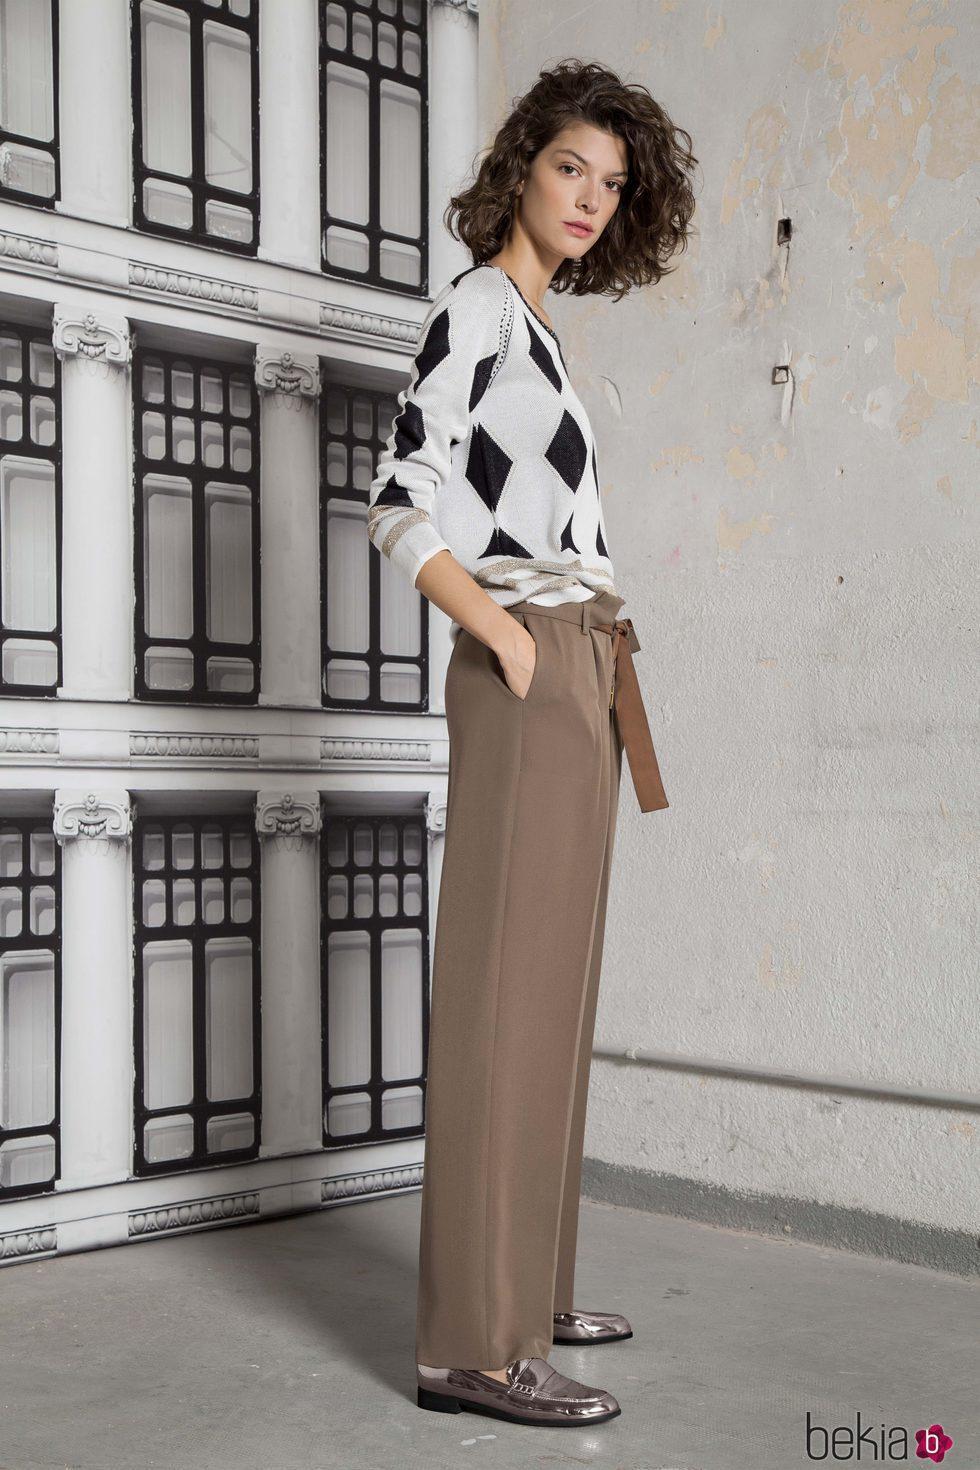 Jersey de rombos y pantalón beige de la colección otoño/invierno 2017 de Trucco